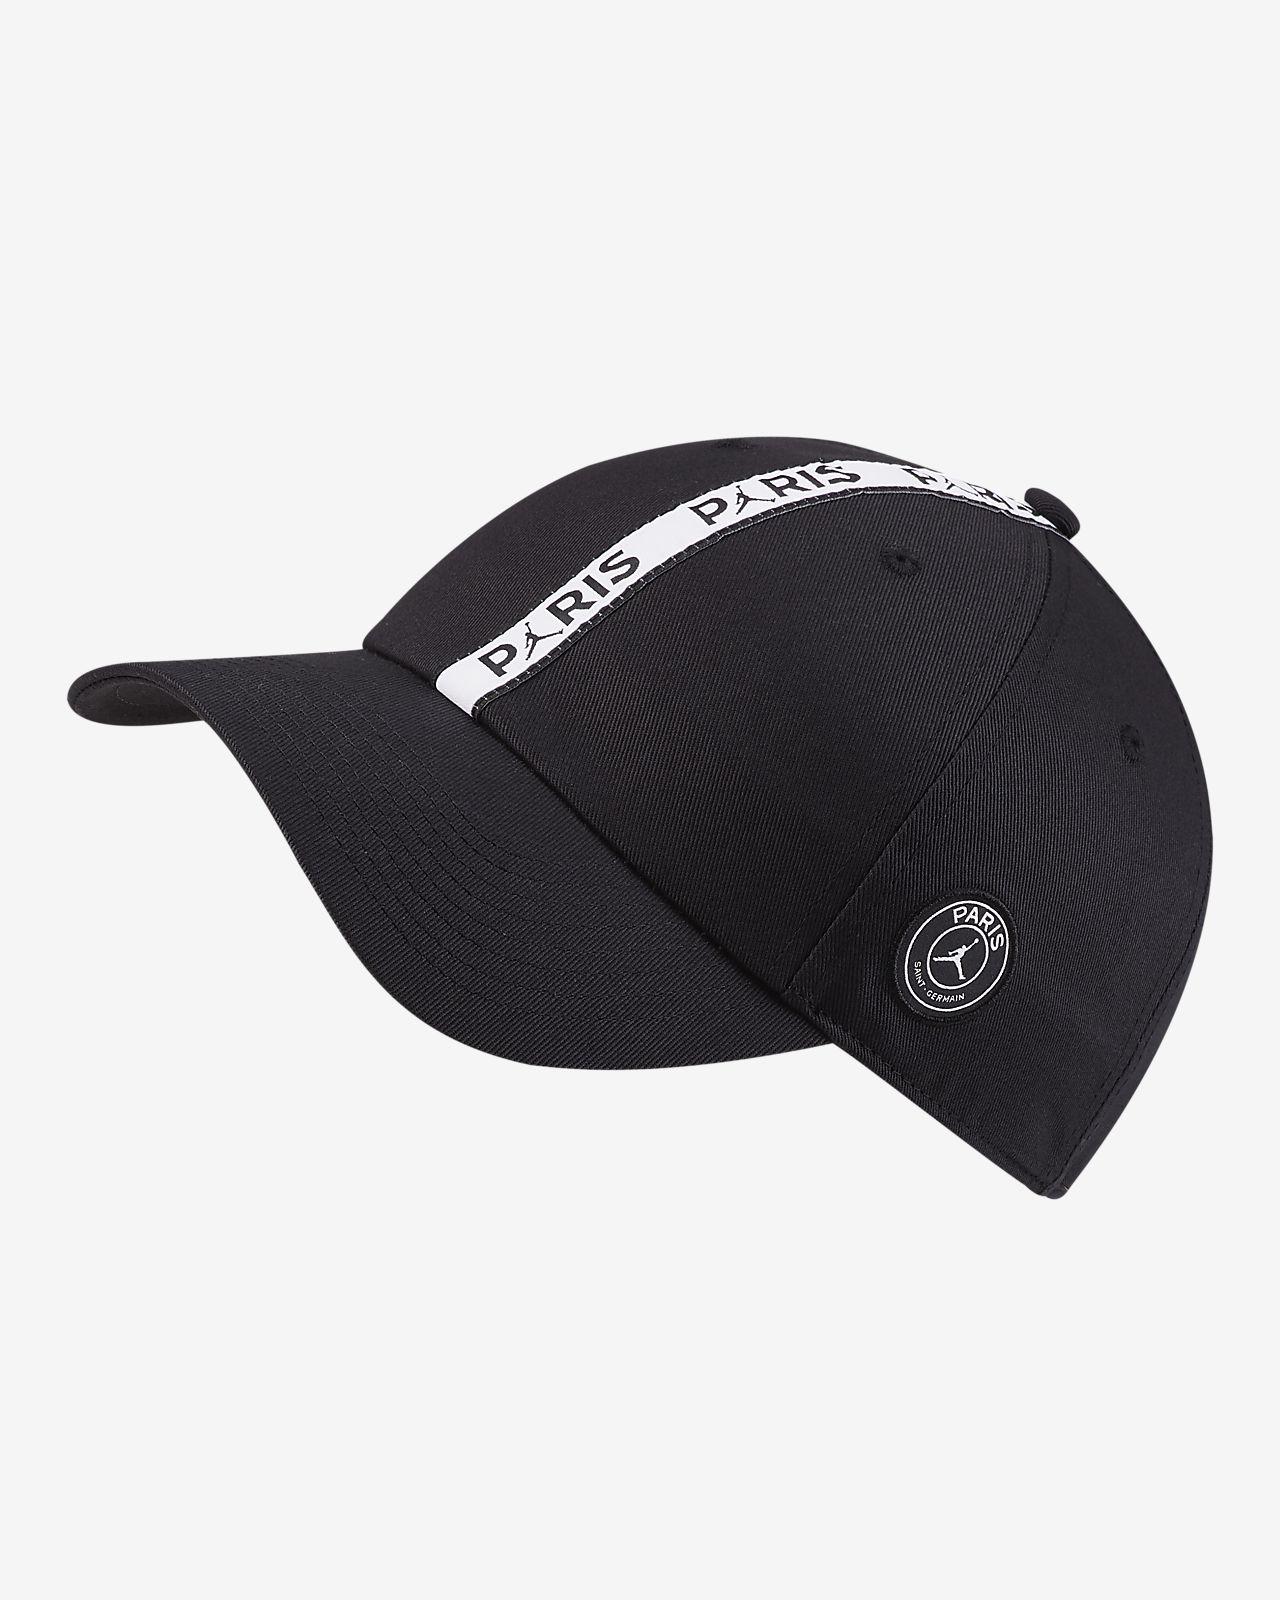 PSG caps